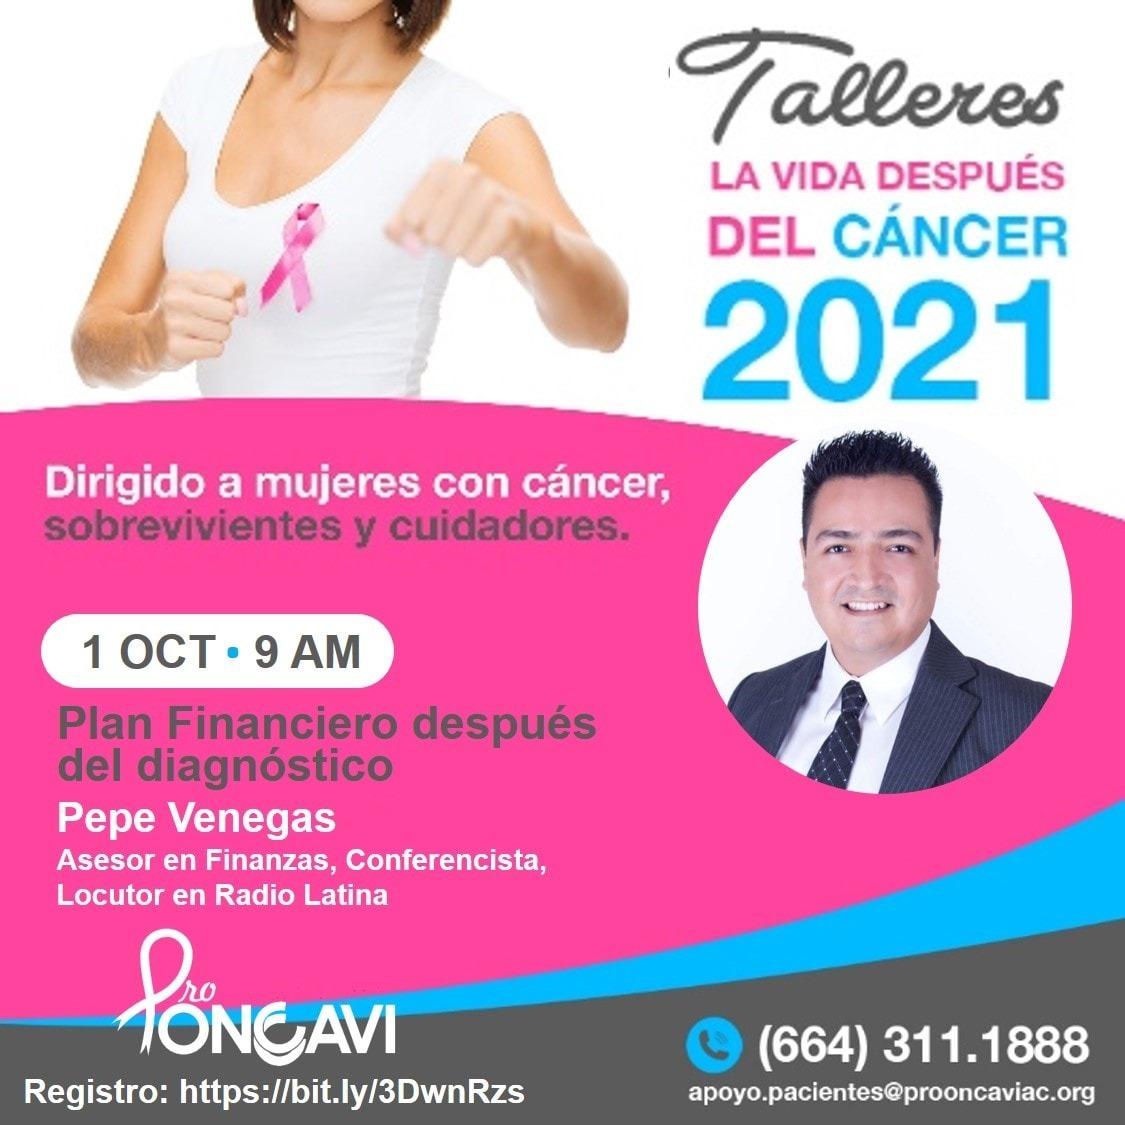 Invitan ProOncavi y Alianza Rosa a Talleres para pacientes